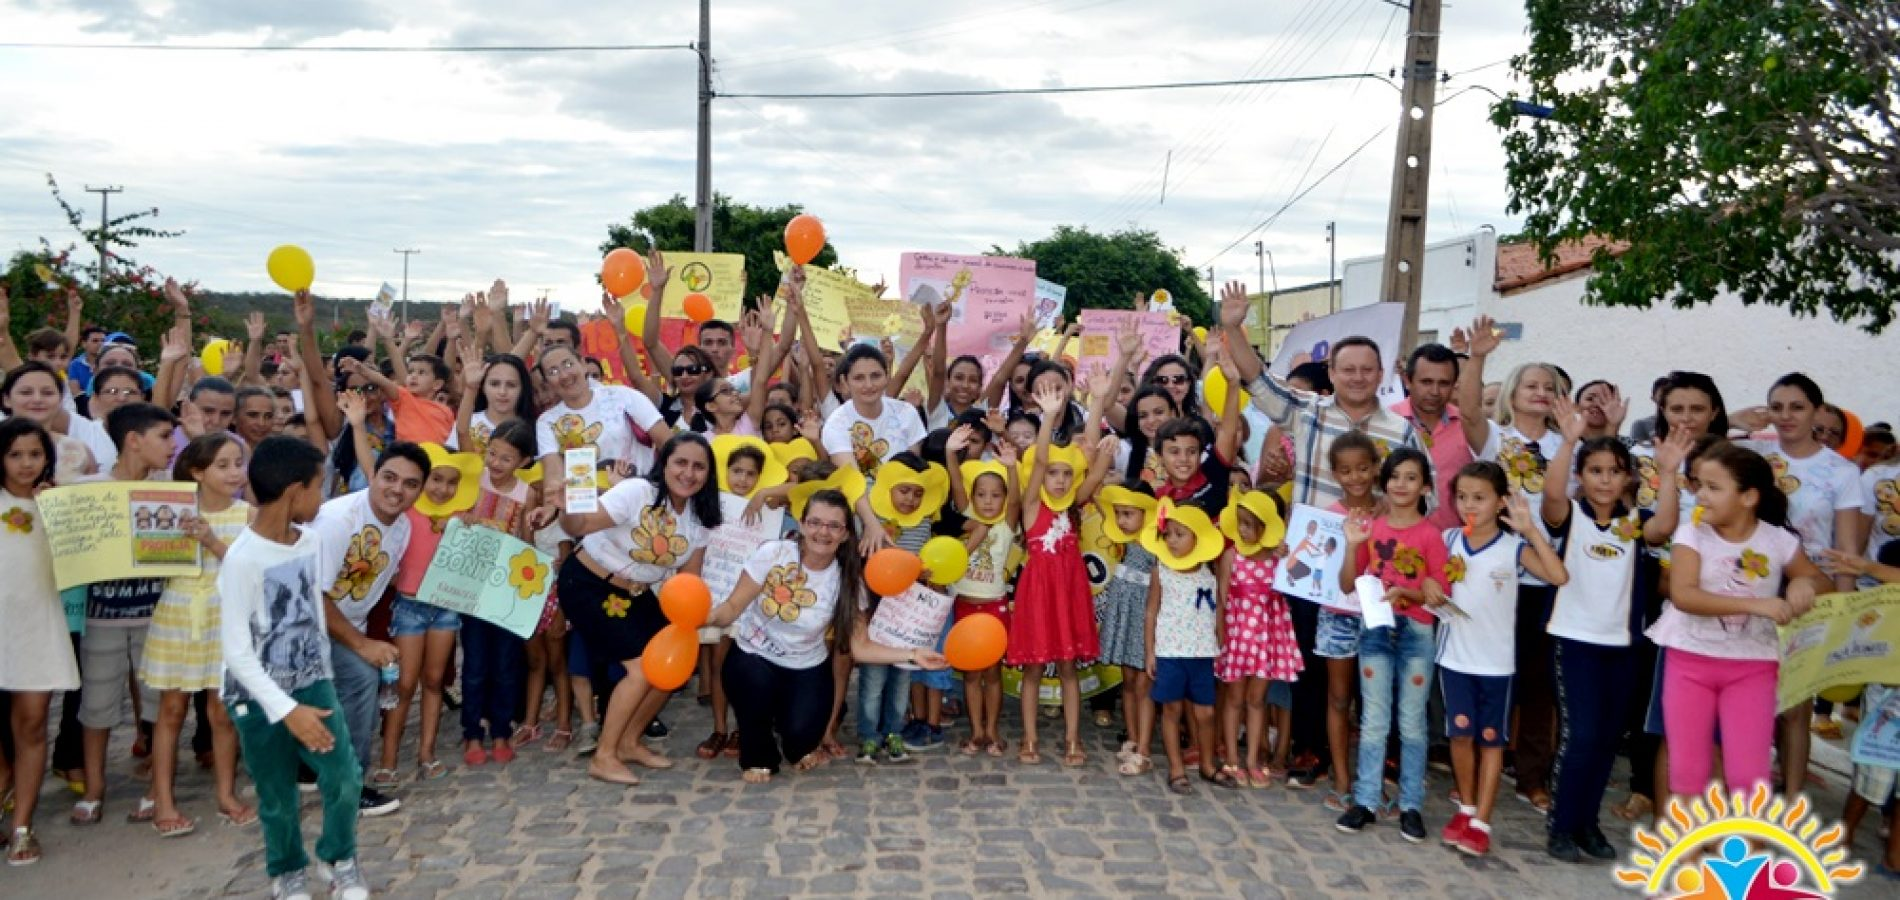 Prefeitura de Vila Nova encerra VI Semana do Bebê com ações da assistência social e caminhada contra o abuso e a exploração sexual de crianças e adolescentes